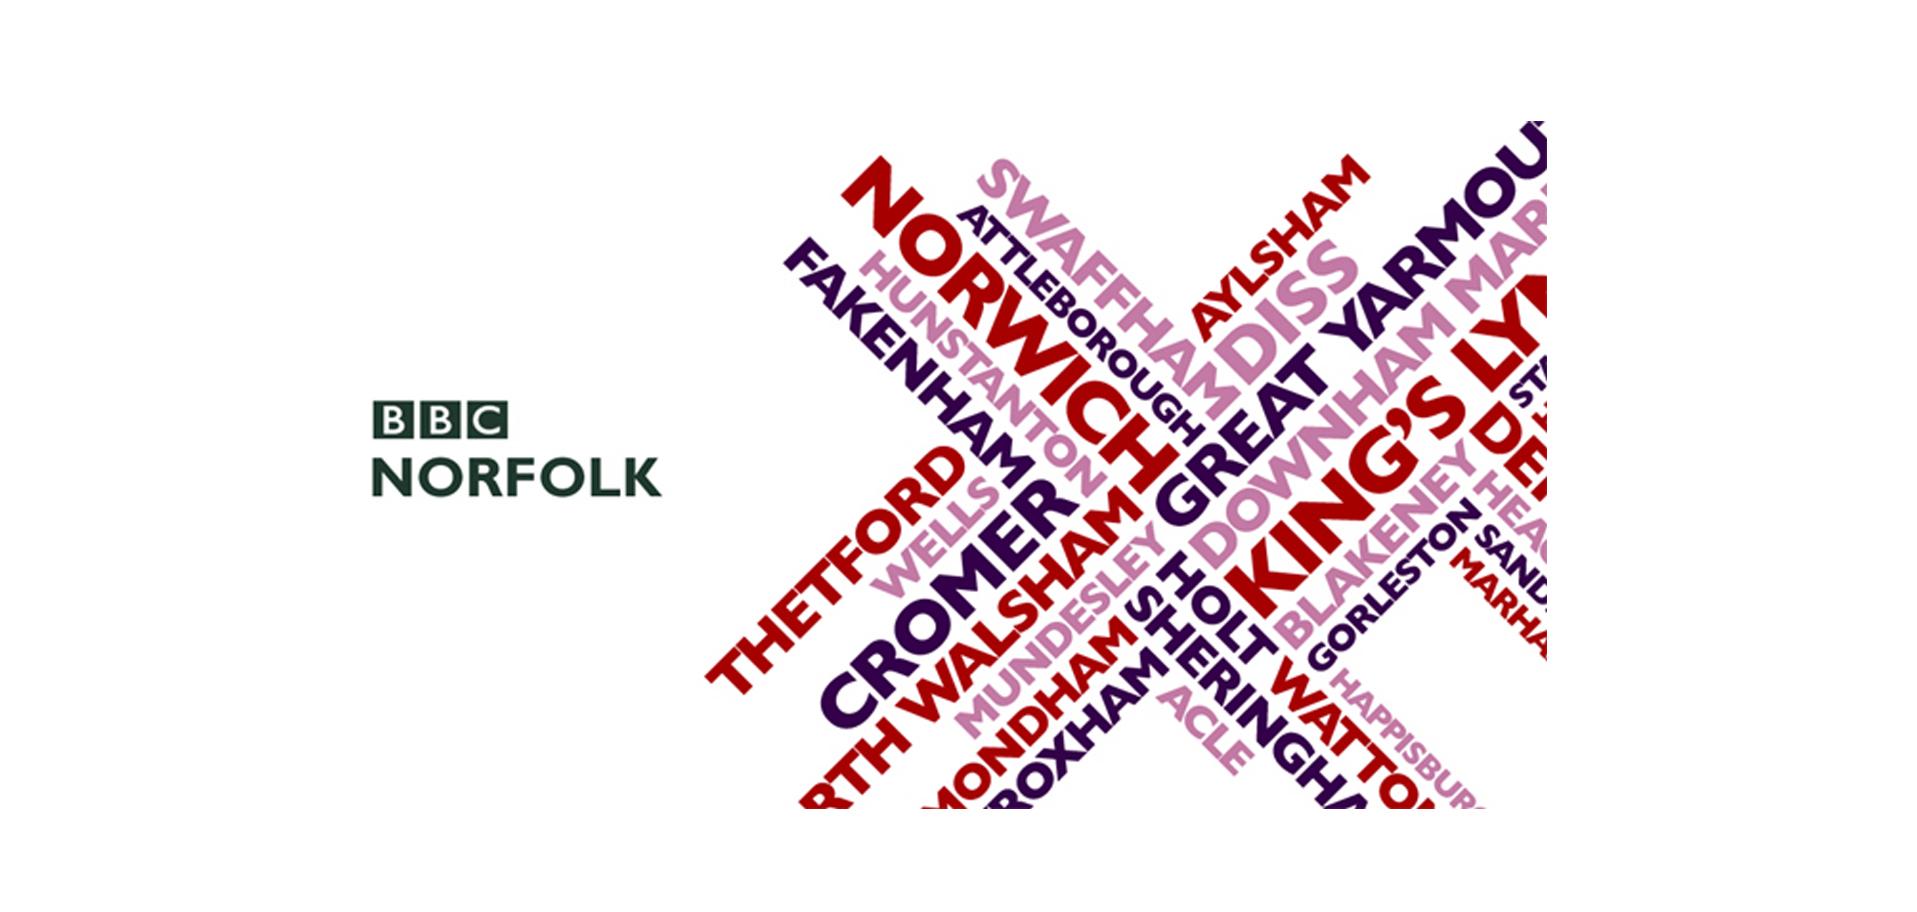 BBC-radio-norfolk